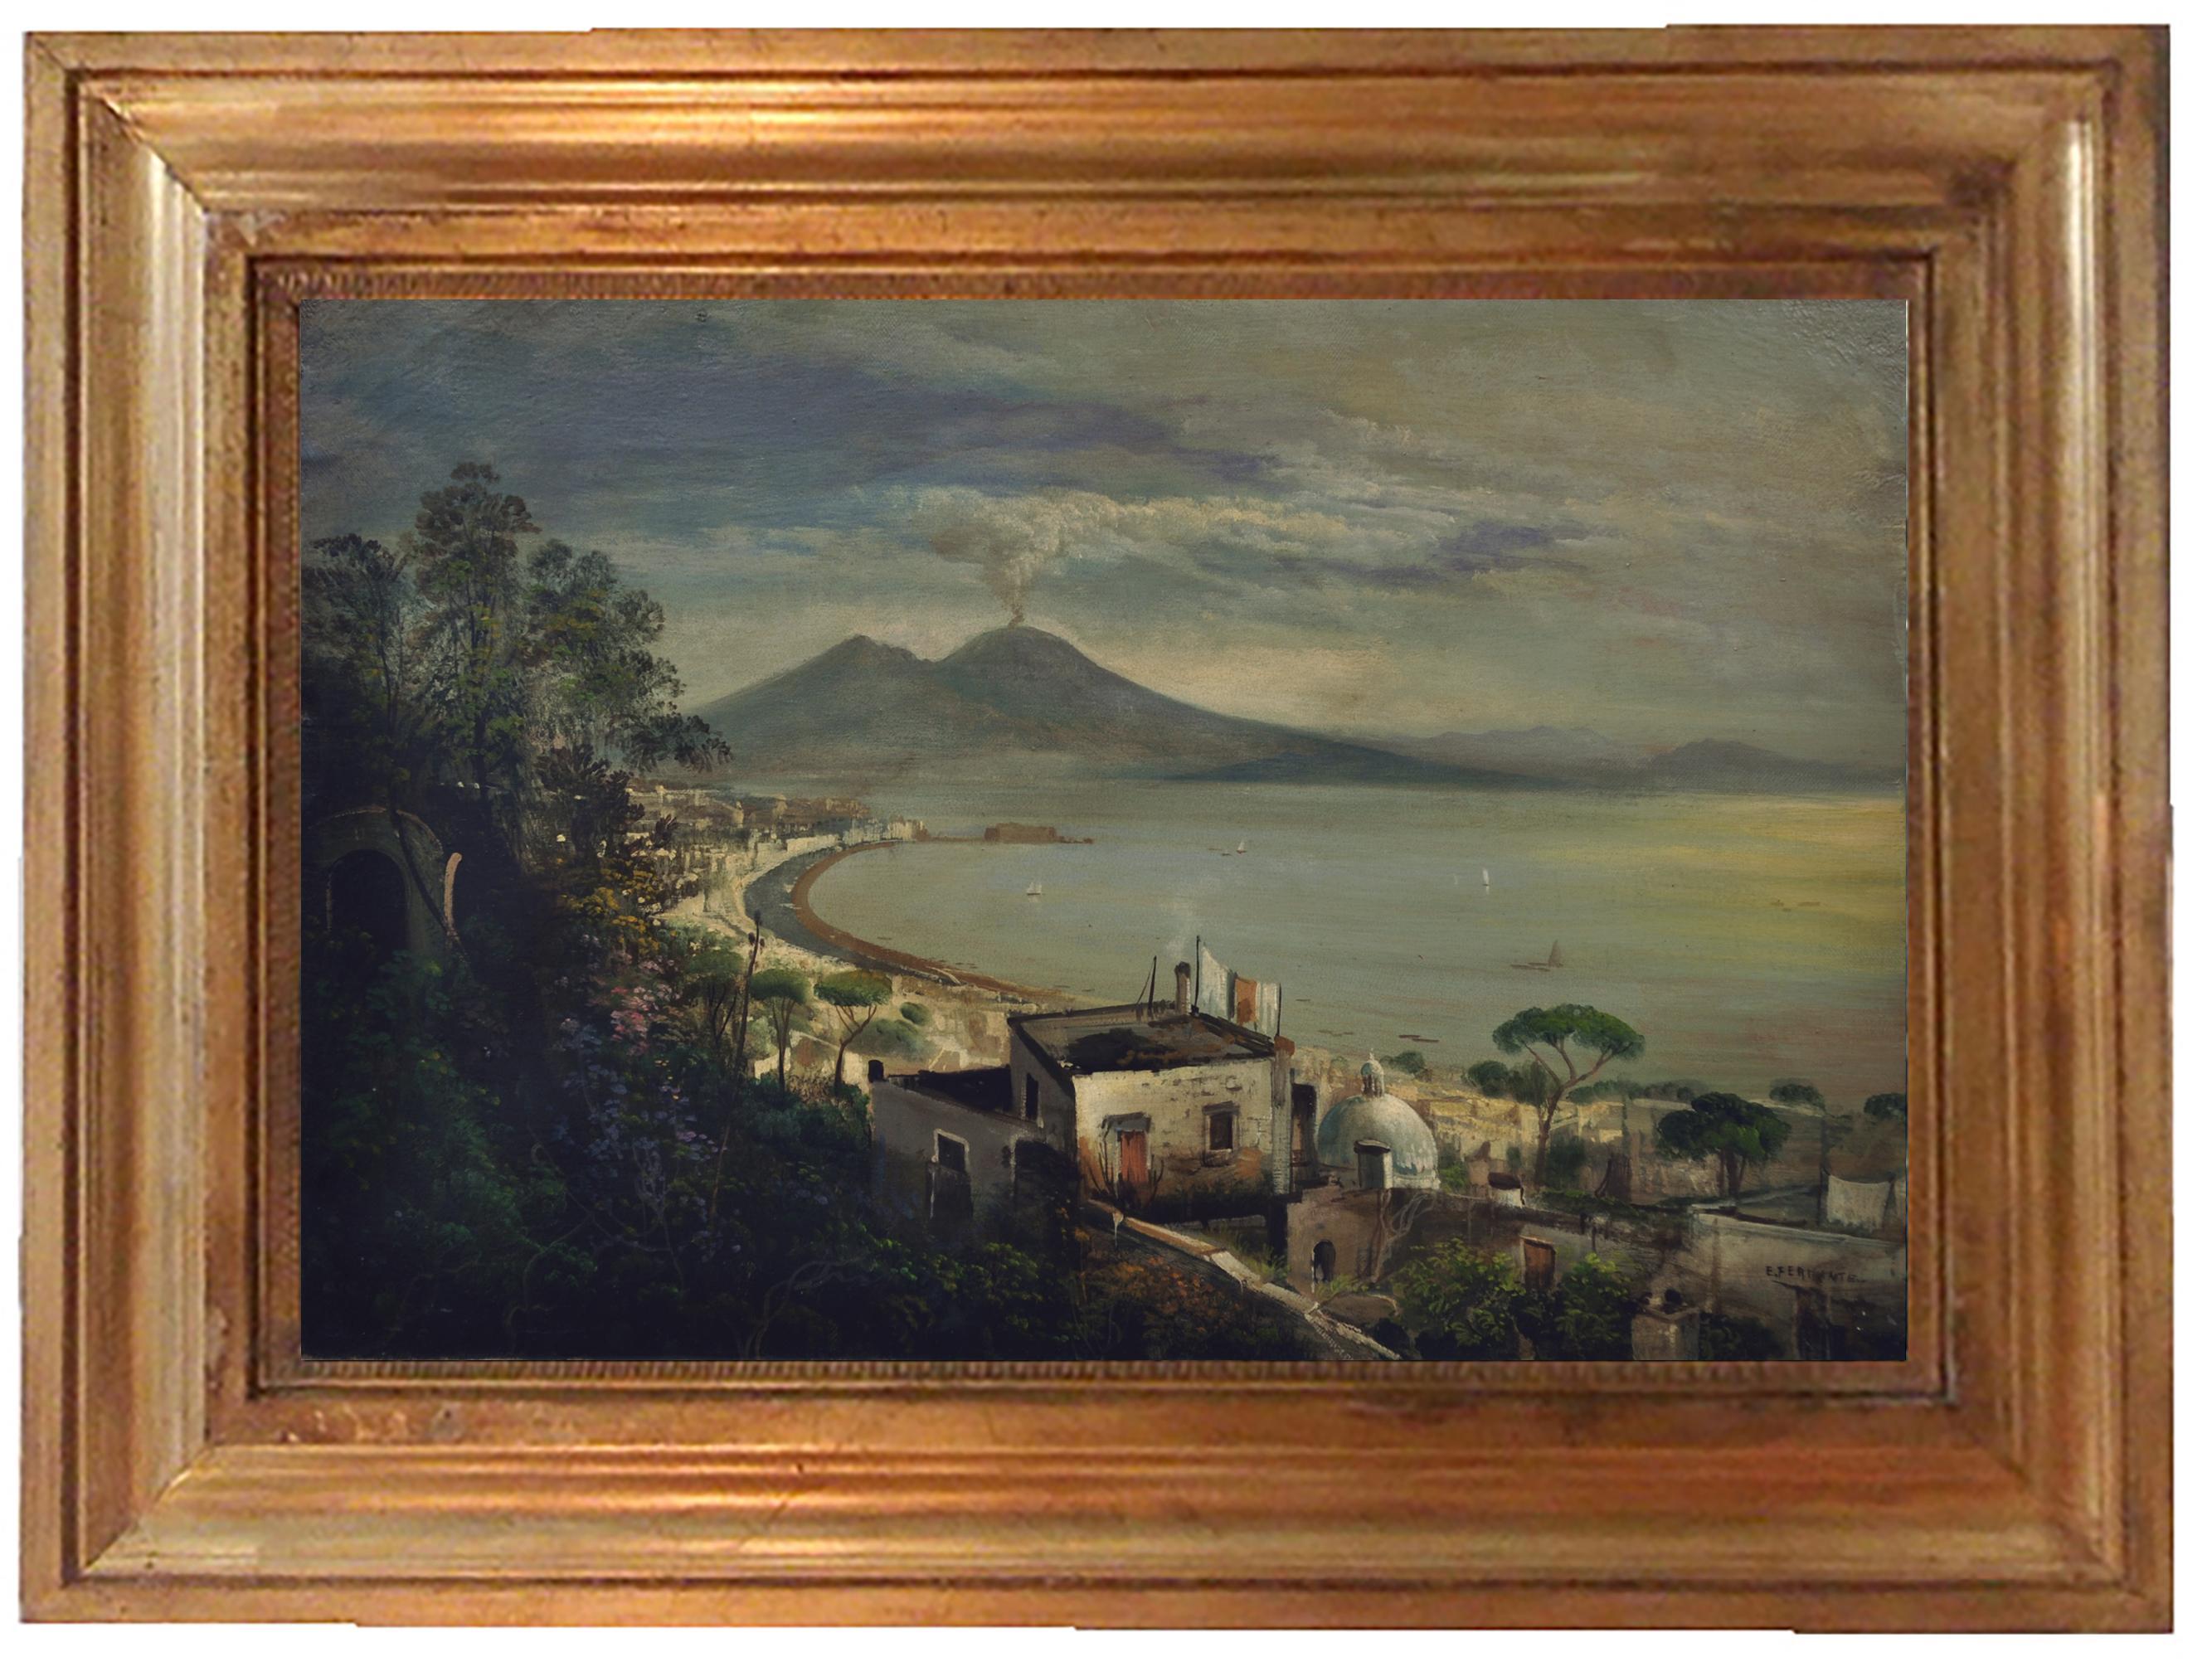 NAPLES - Posillipo School -Oil on Canvas Italian Landscape Painting